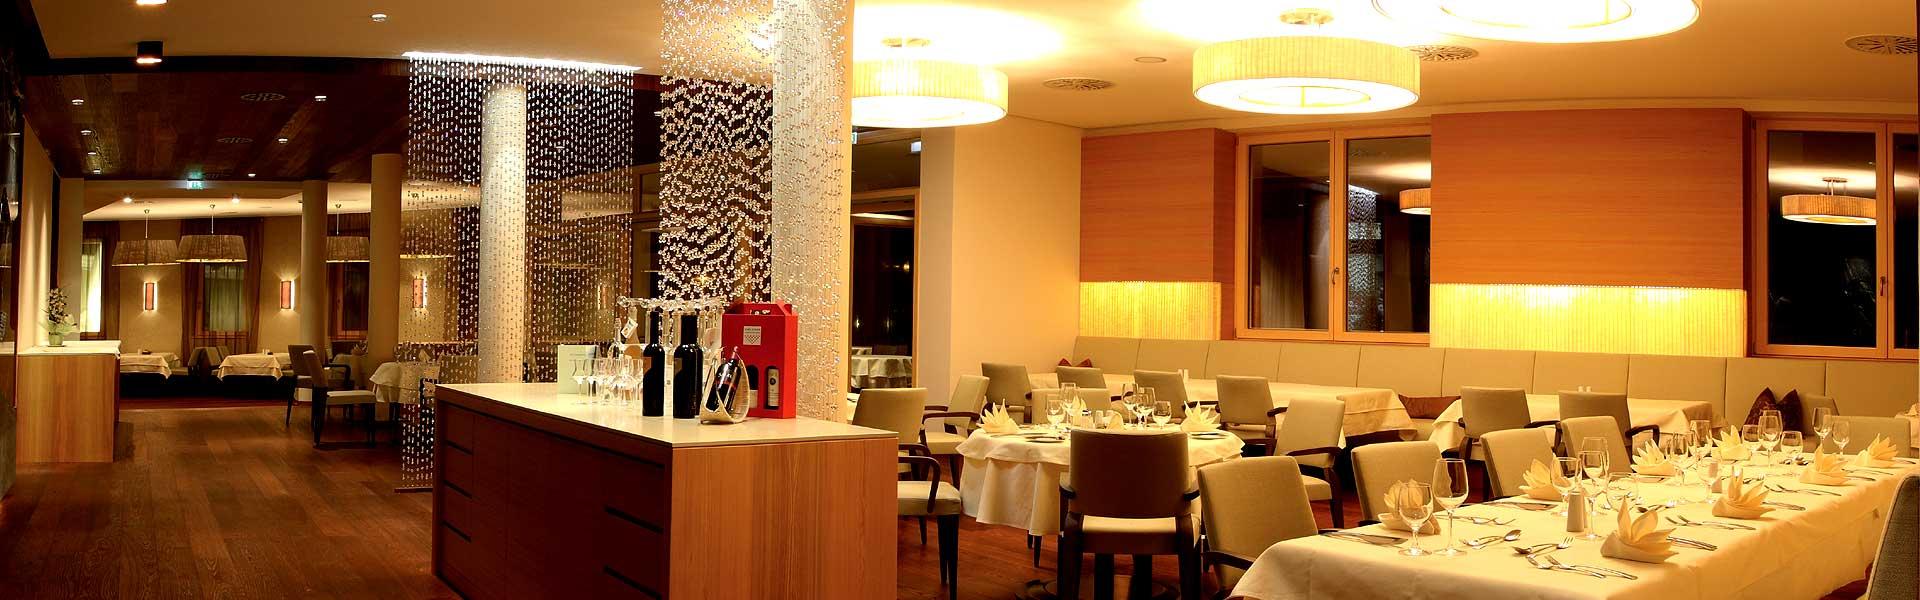 Stimmungsbild-Restaurant-1920-600